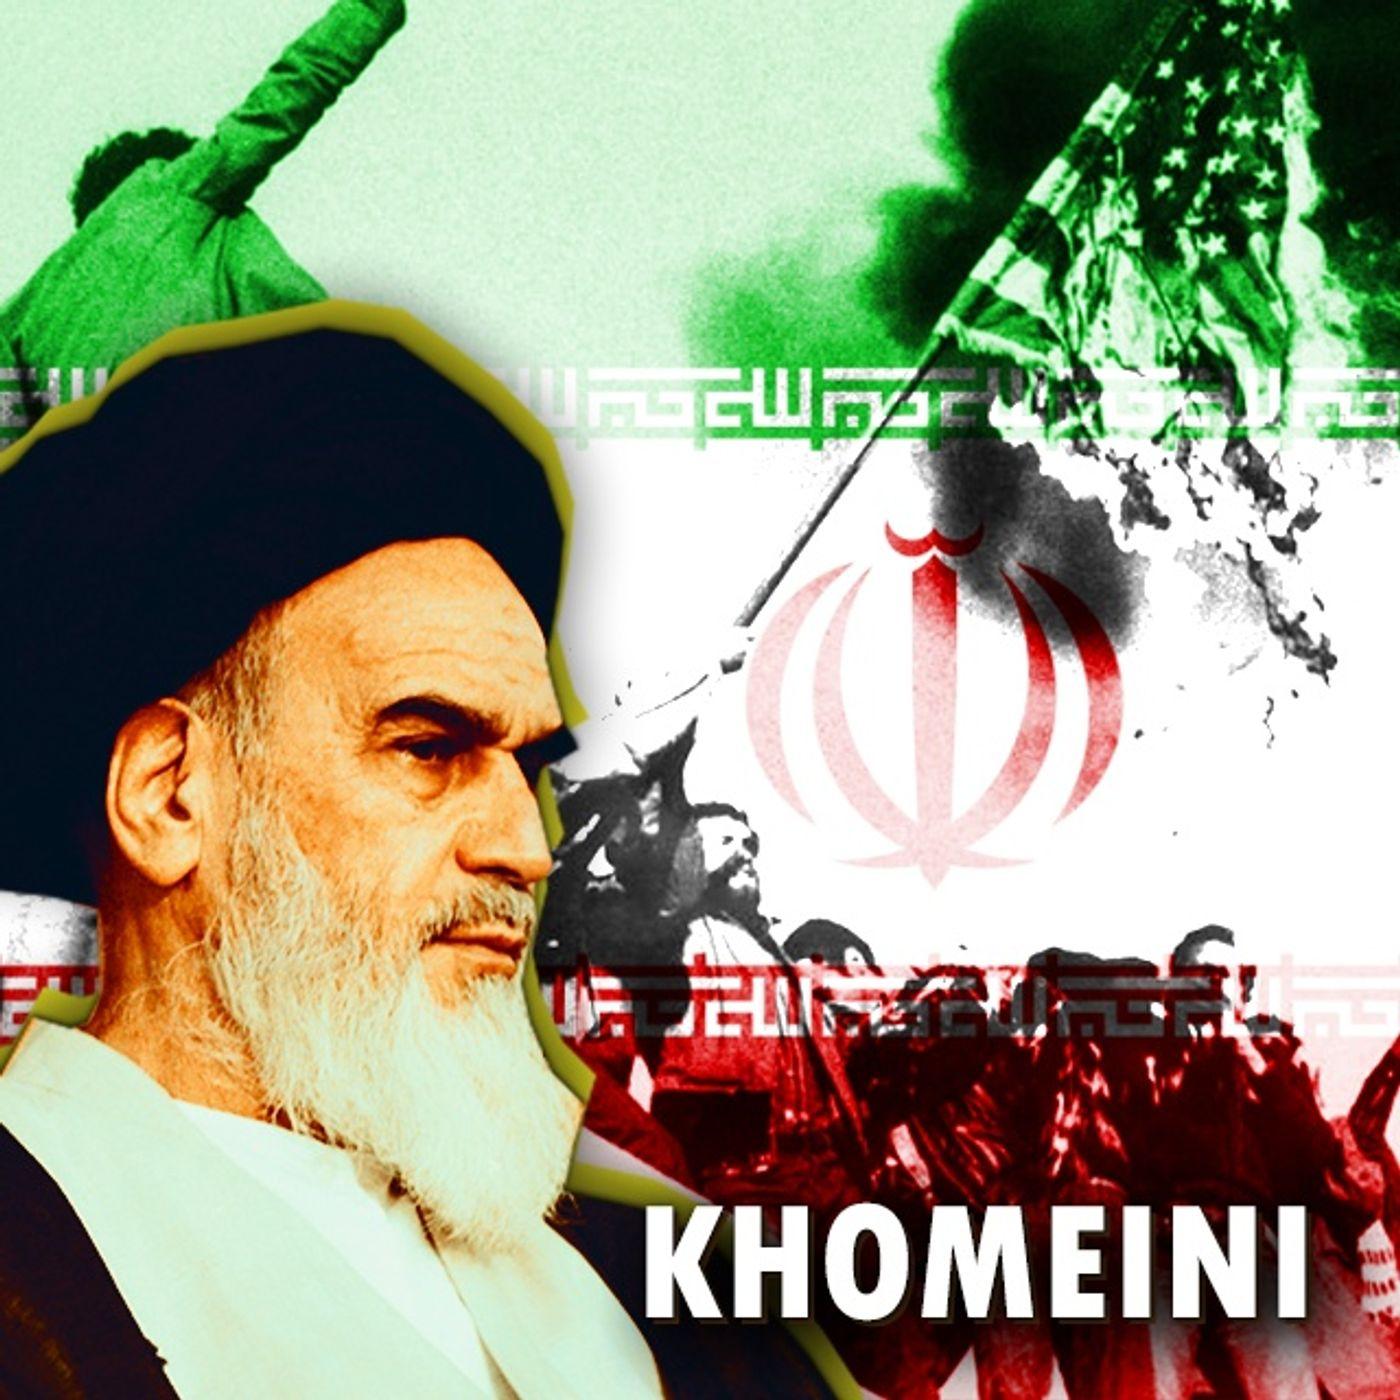 Il Populismo islamico di Khomeini (Rivoluzione Iraniana - 1979)